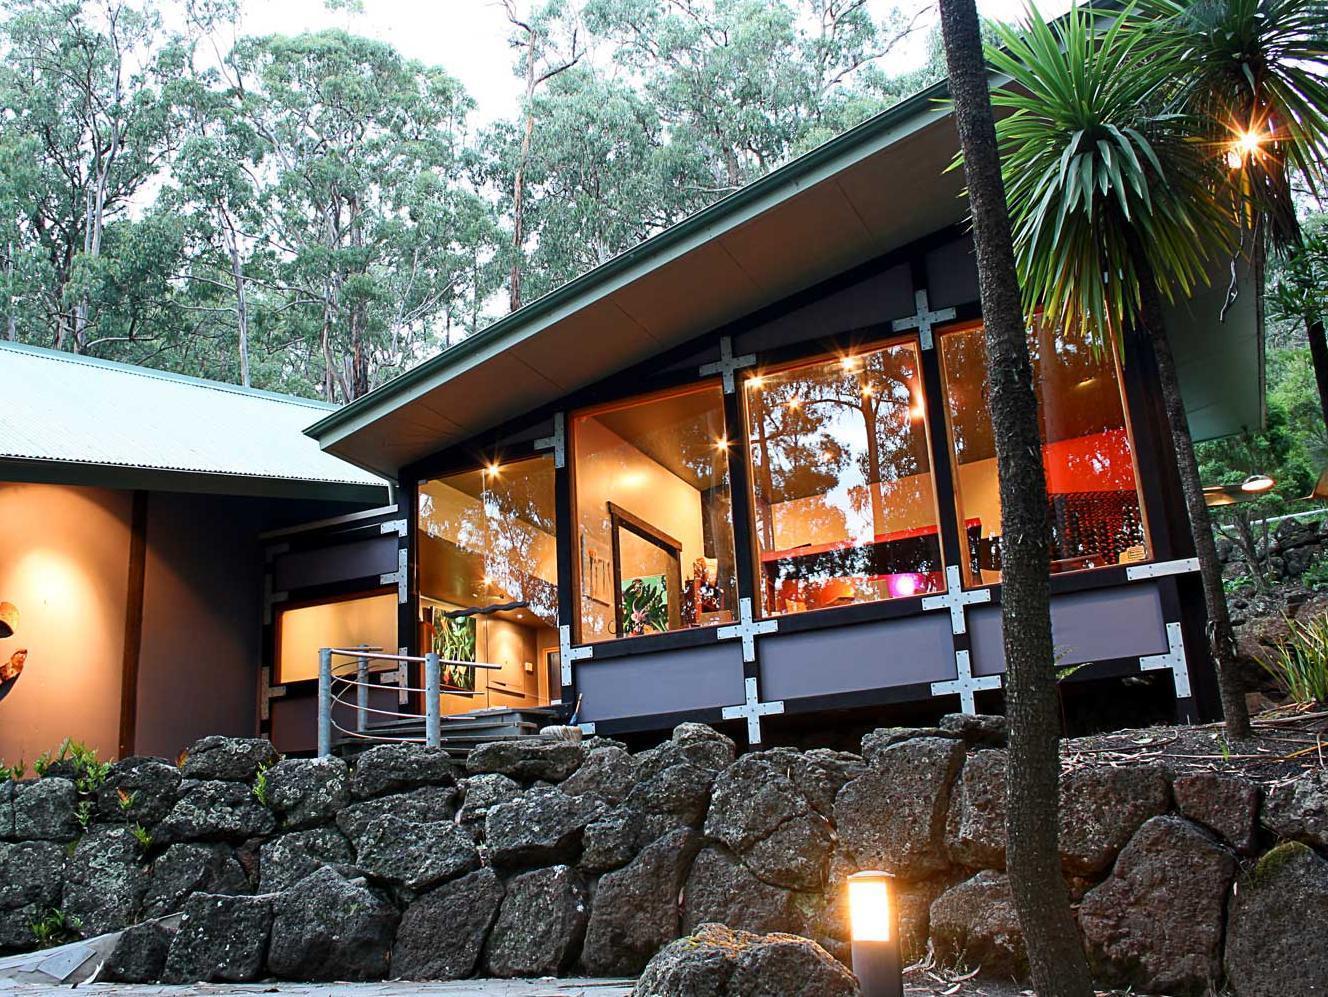 QDOS Arts Hotel - Hotell och Boende i Australien , Great Ocean Road - Lorne